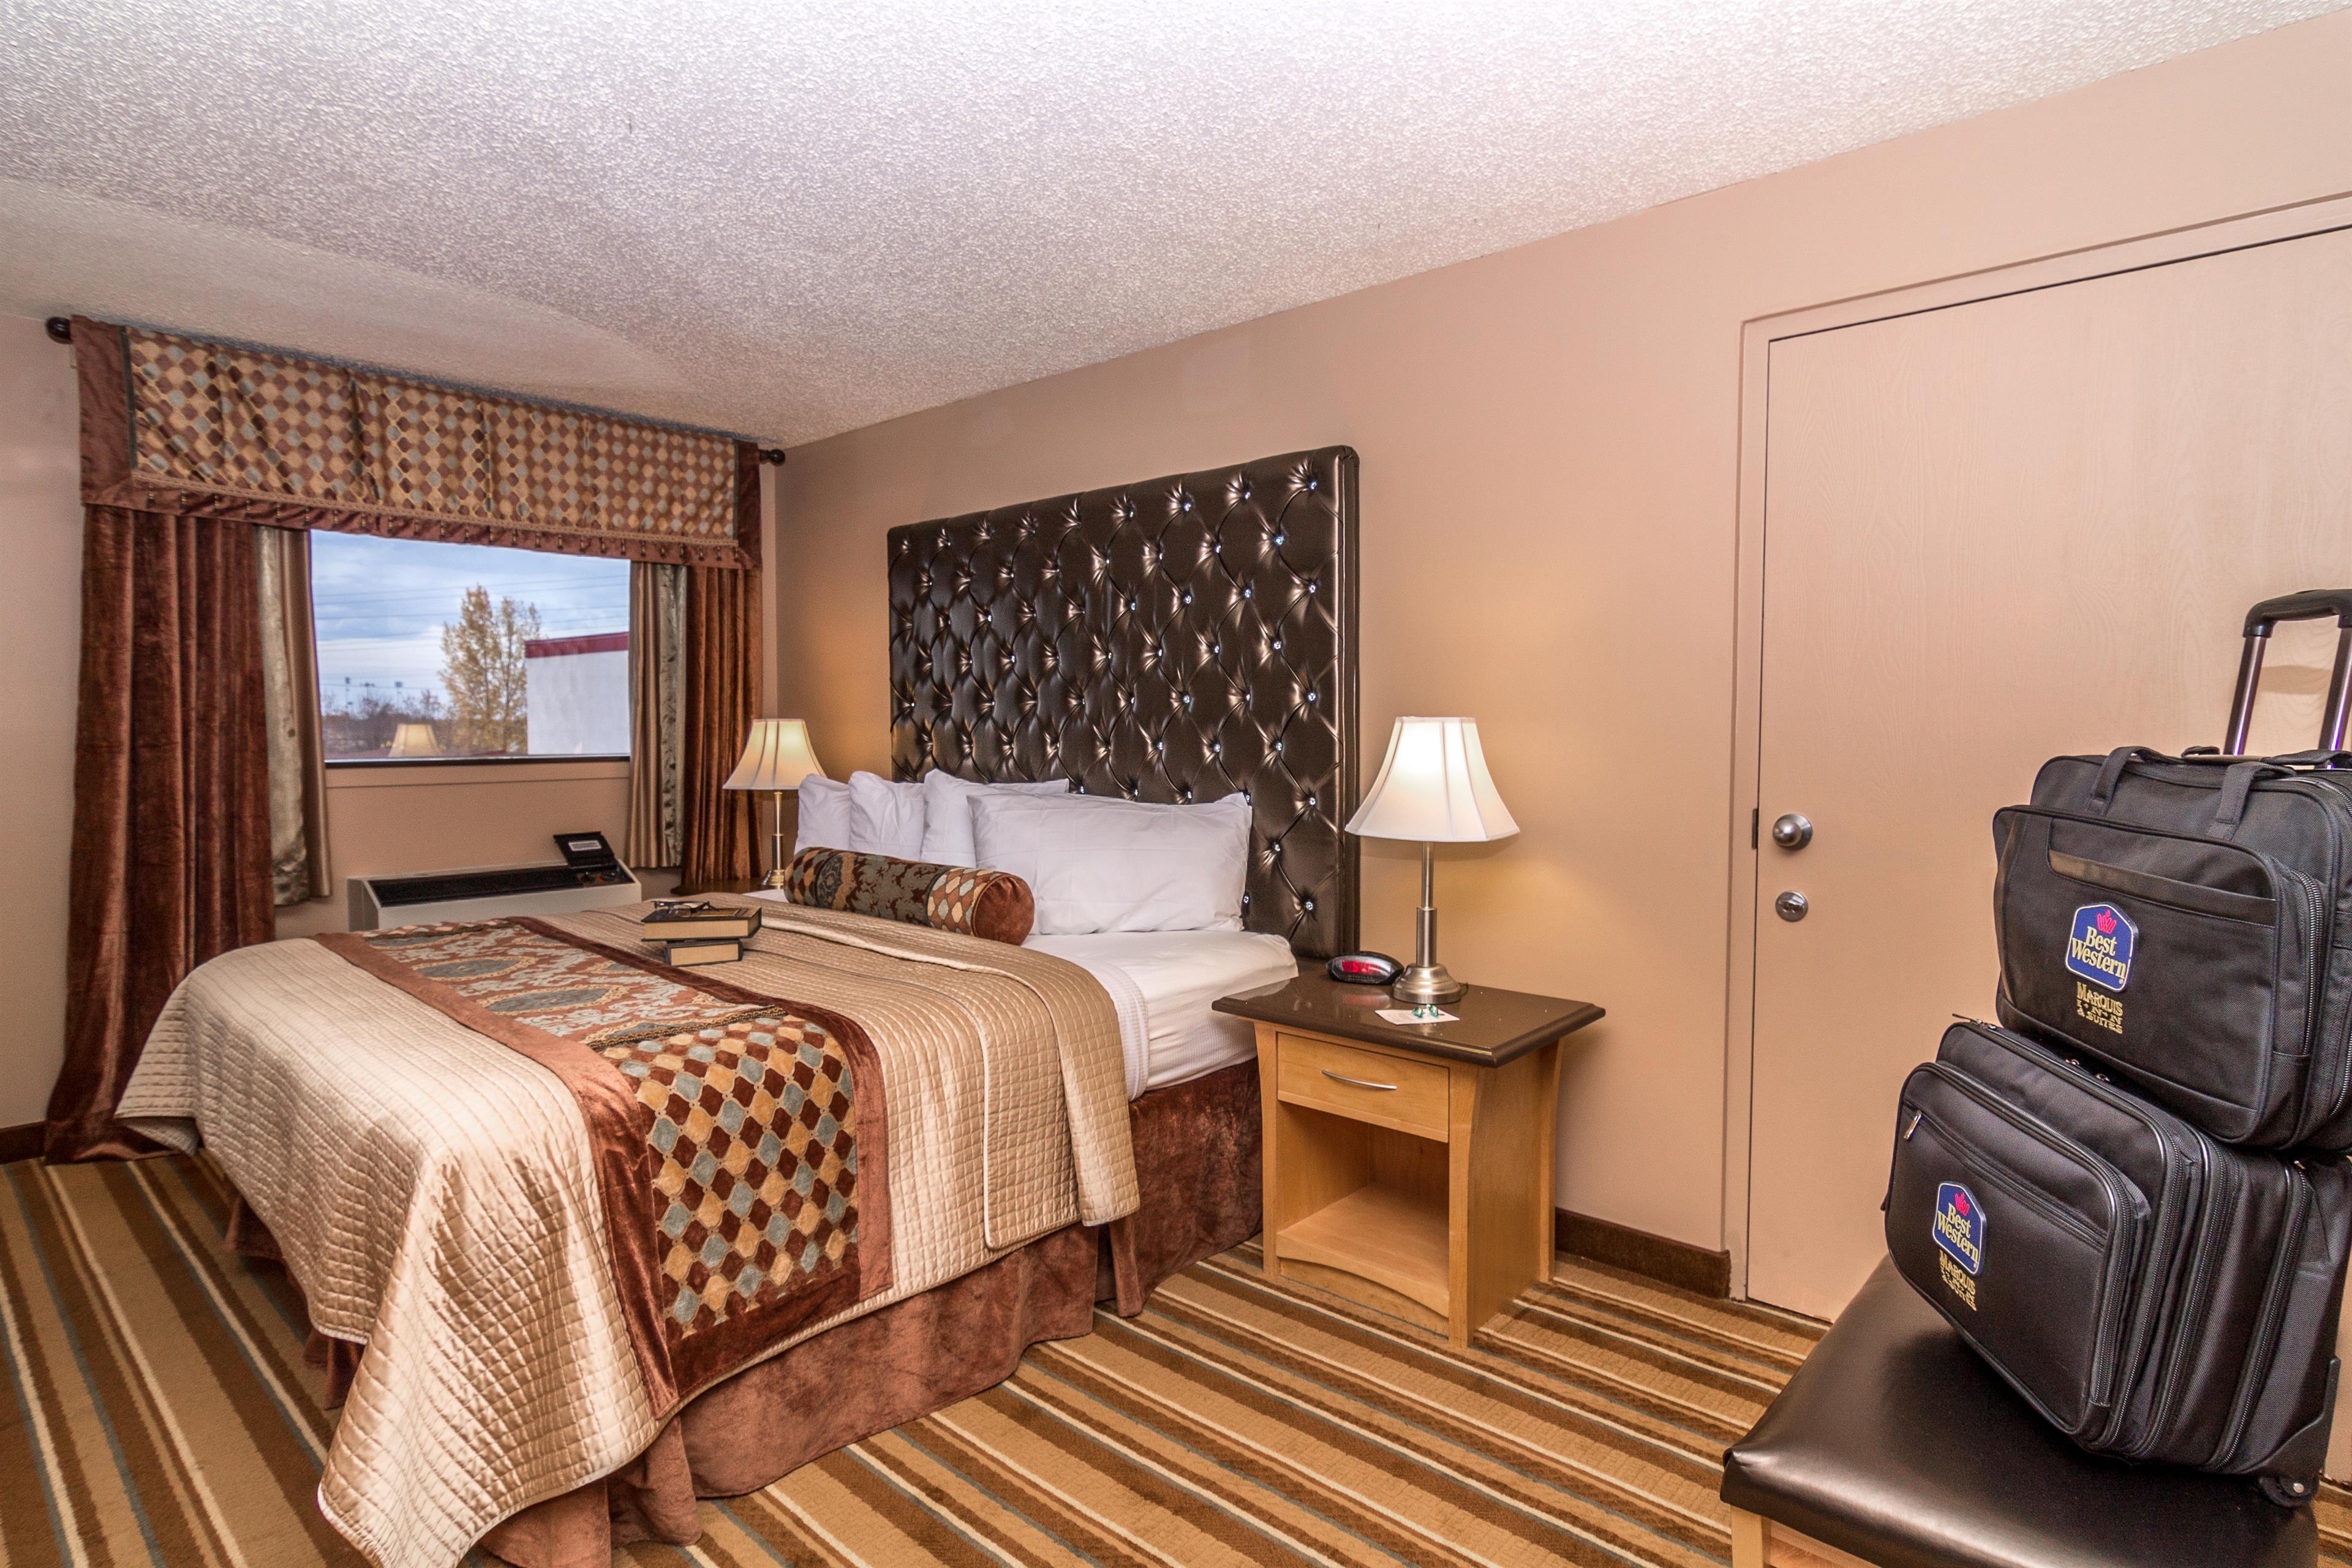 Best Western Marquis Inn & Suites in Prince Albert: King Room